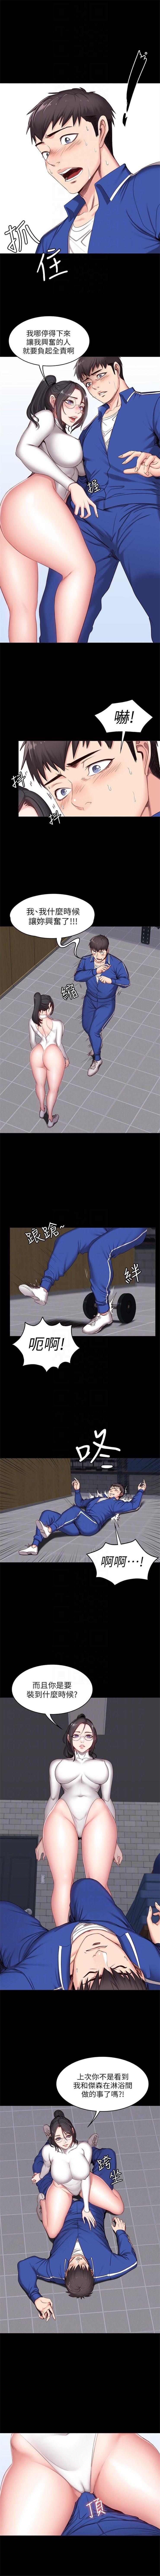 (週3)健身教練 1-37 中文翻譯 (更新中) 59